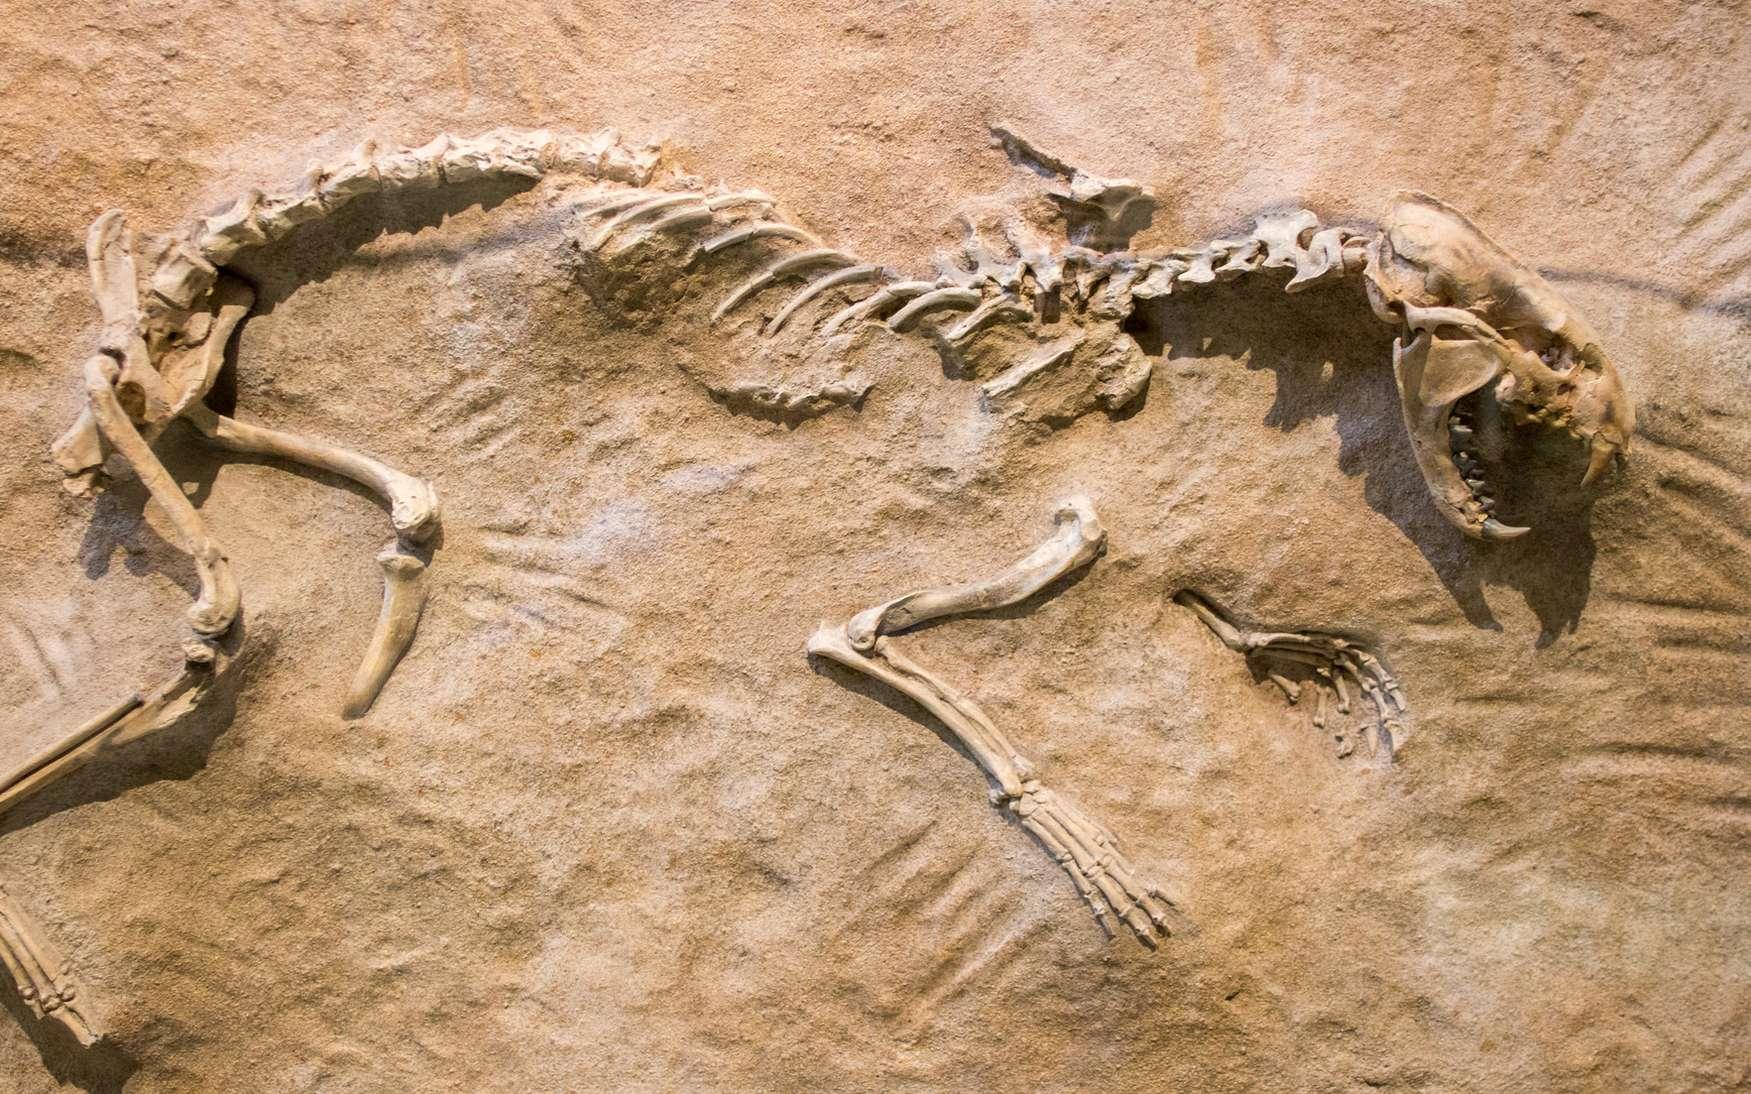 Exemple de squelette d'animal préhistorique fossilisé dans la roche. Le paléontologue fera une analyse ADN sur les fragments d'os afin de connaître l'espèce et son histoire. © marls, Fotolia.